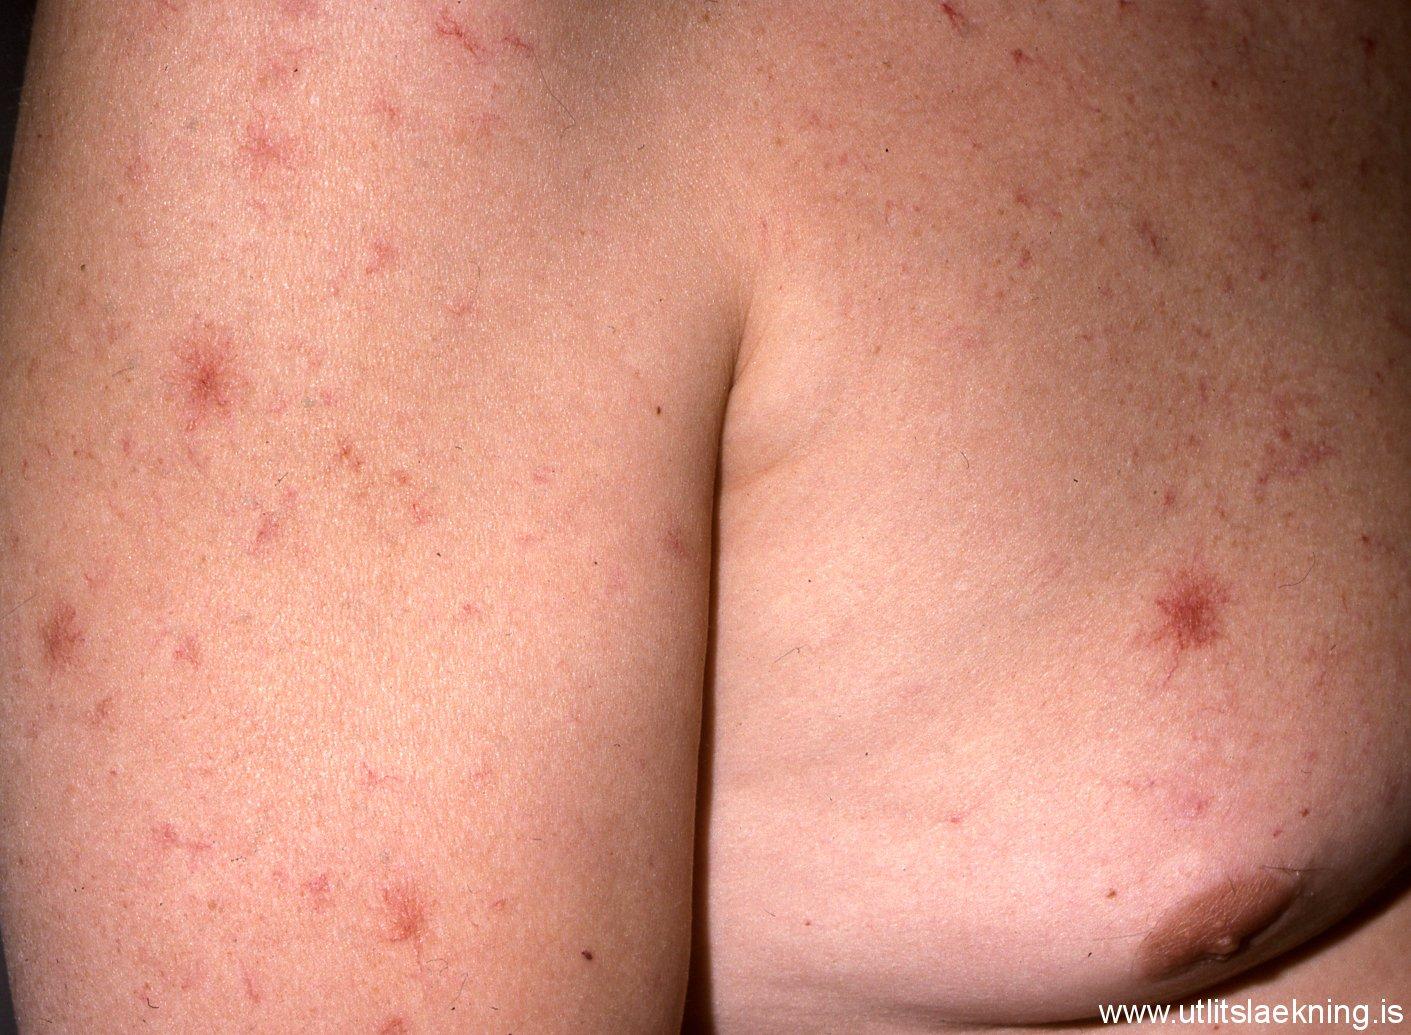 Nevus Anemicus Photos - Dermatology Education